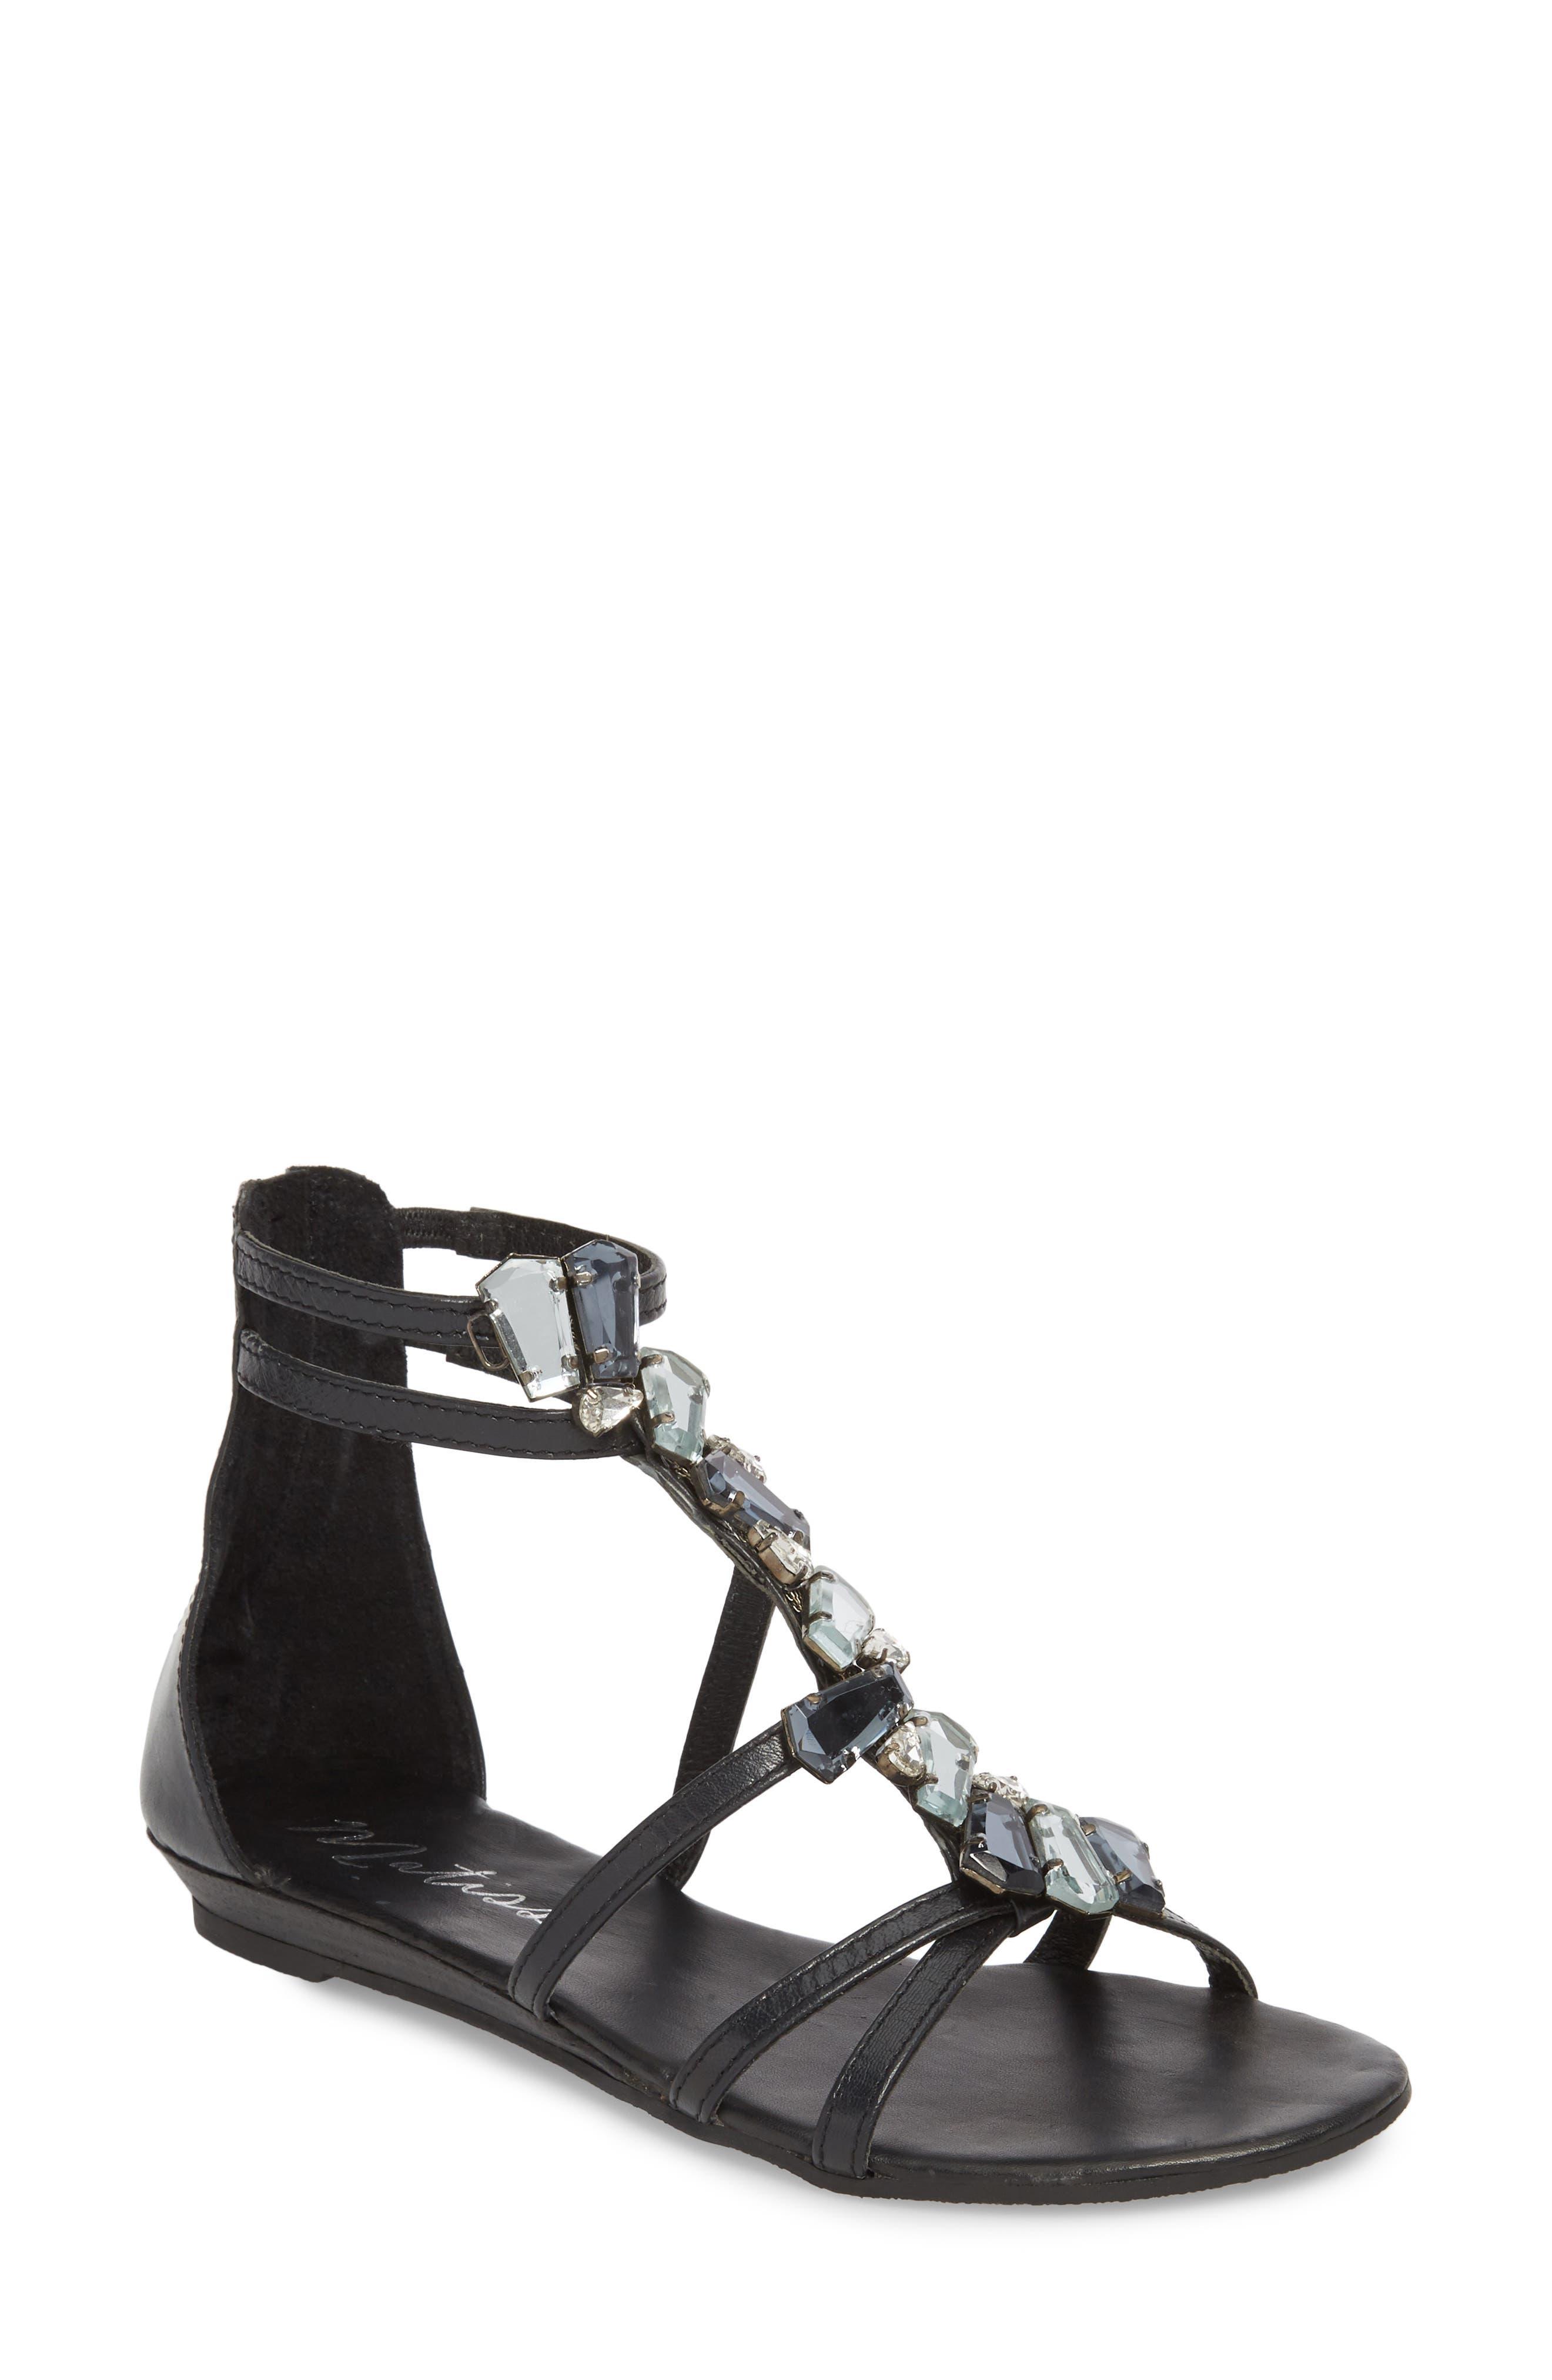 Didi Crystal Embellished Sandal,                         Main,                         color, BLACK LEATHER